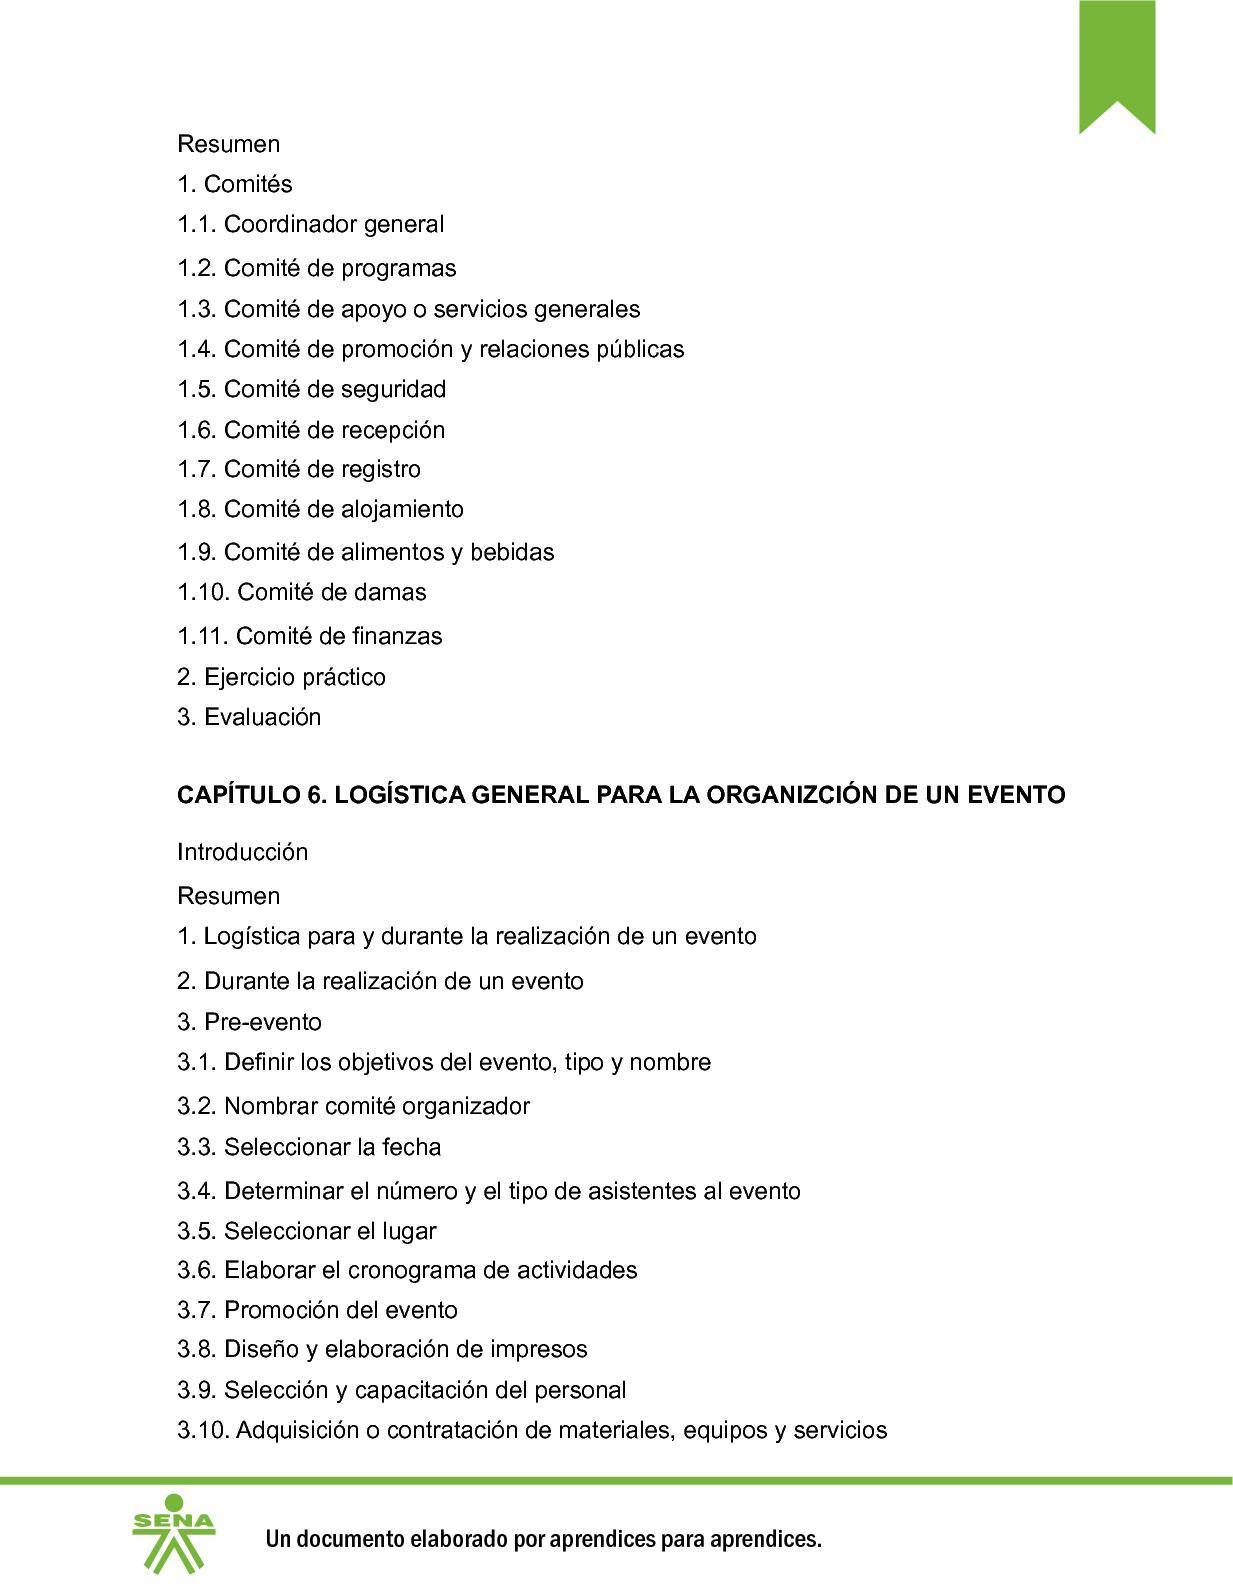 Excepcional Documento Reanudar Evento Ilustración - Ejemplo De ...